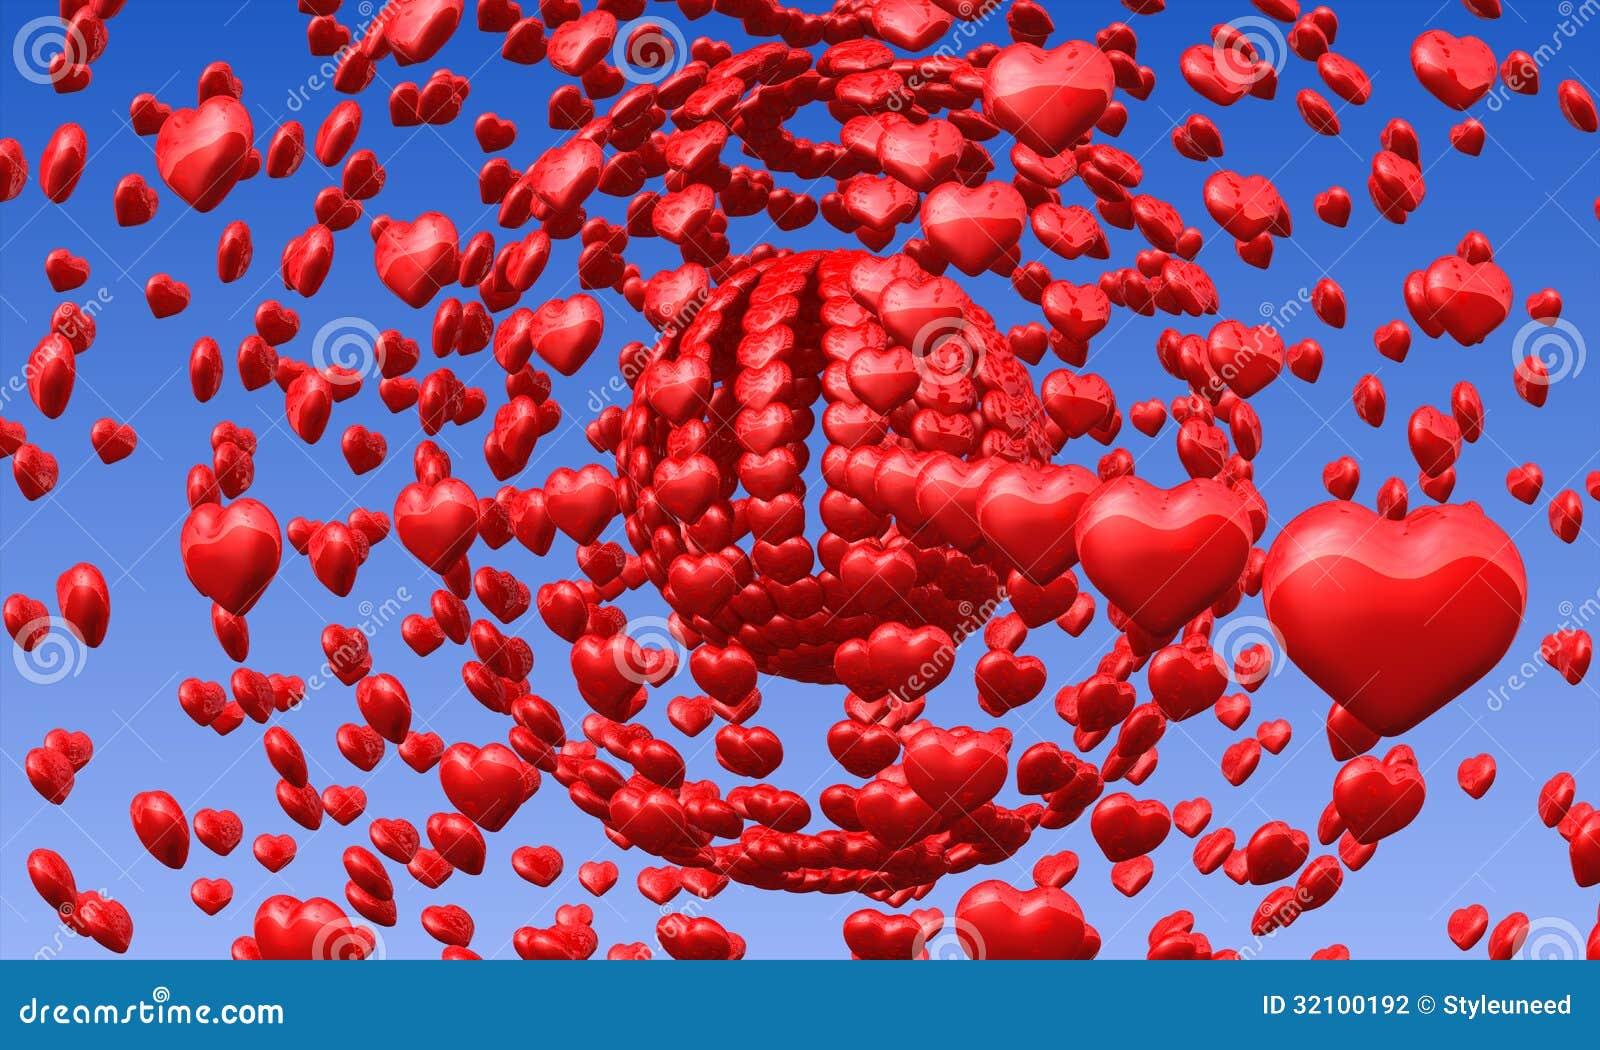 Cuori rossi di amore in cielo blu fotografia stock for Immagini di cuori rossi